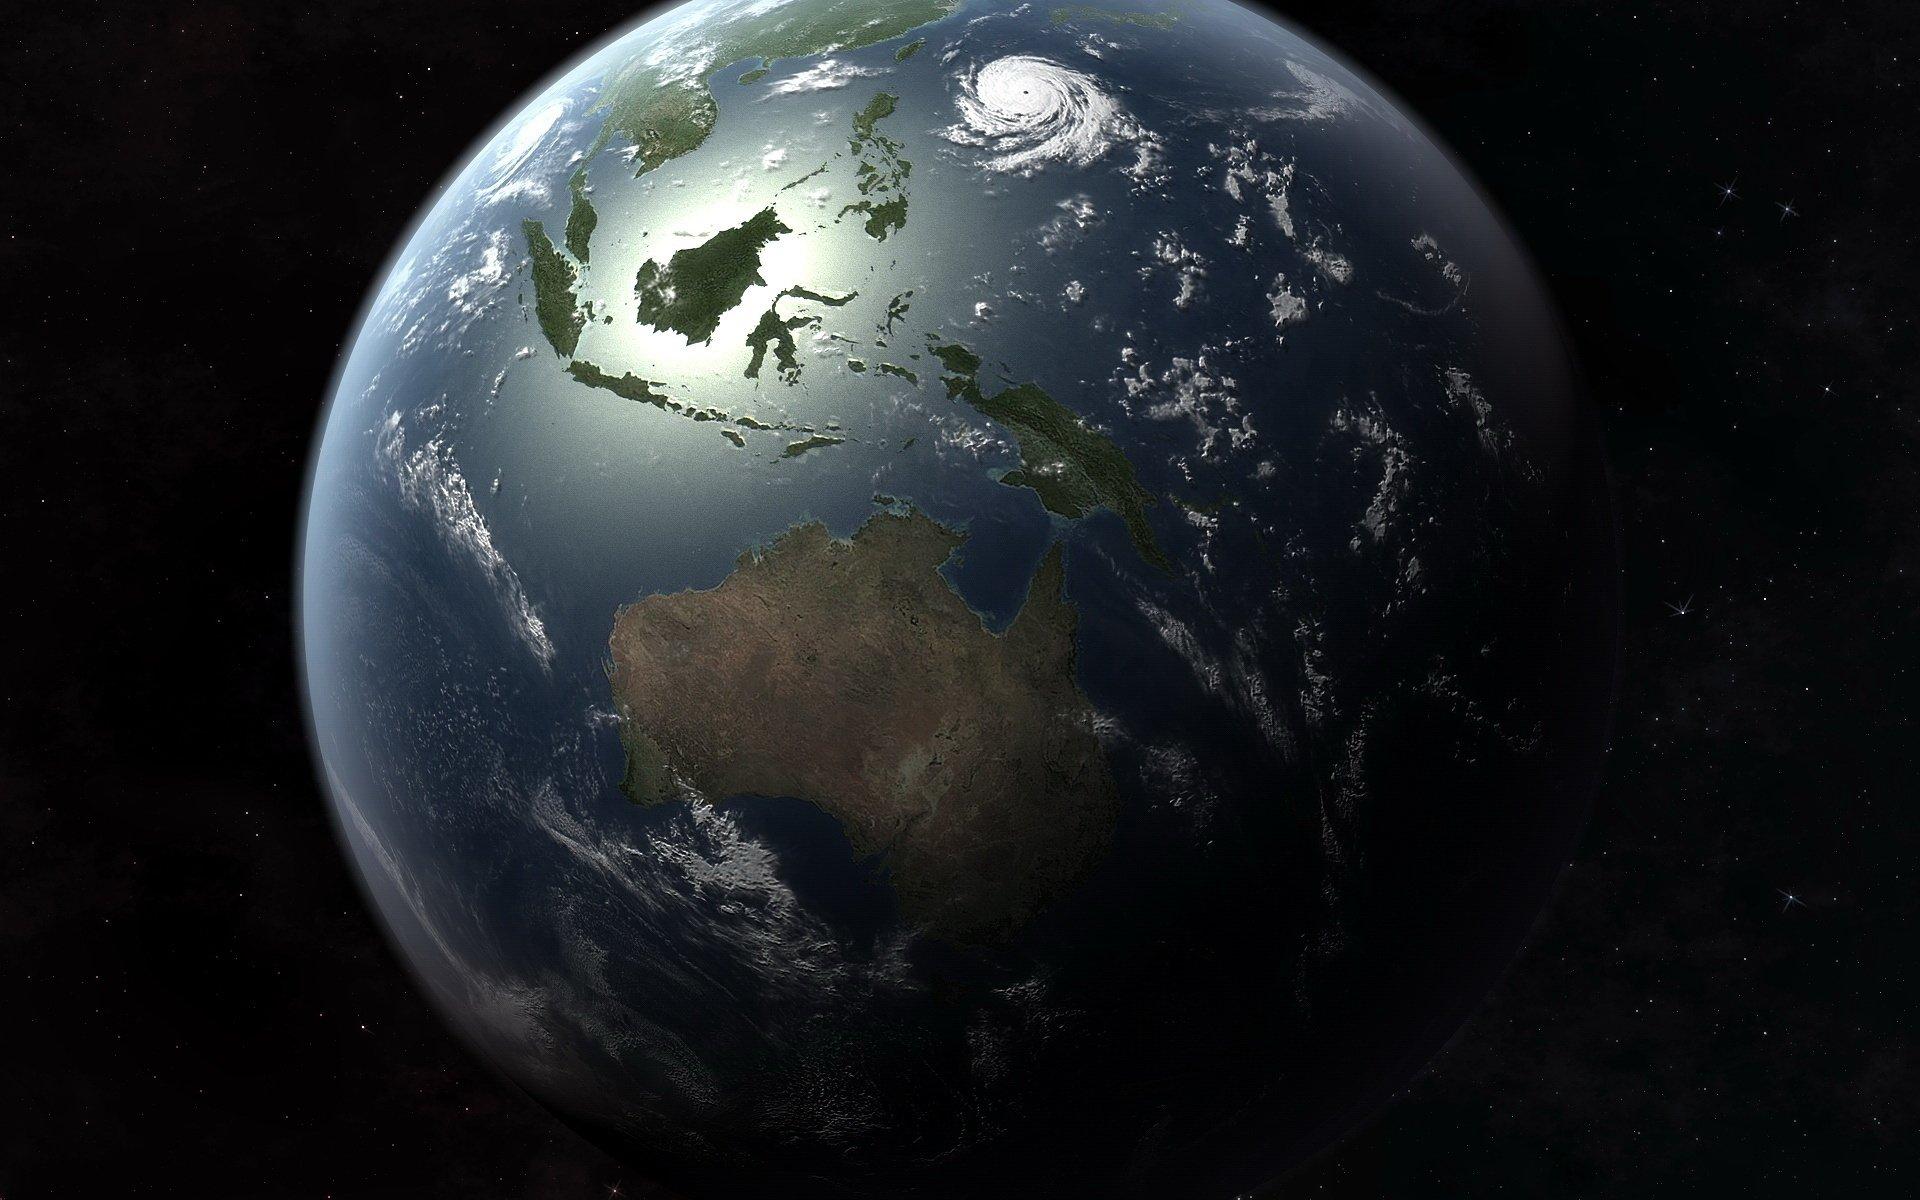 тебя изображение земли из космоса фото четыре года, уже